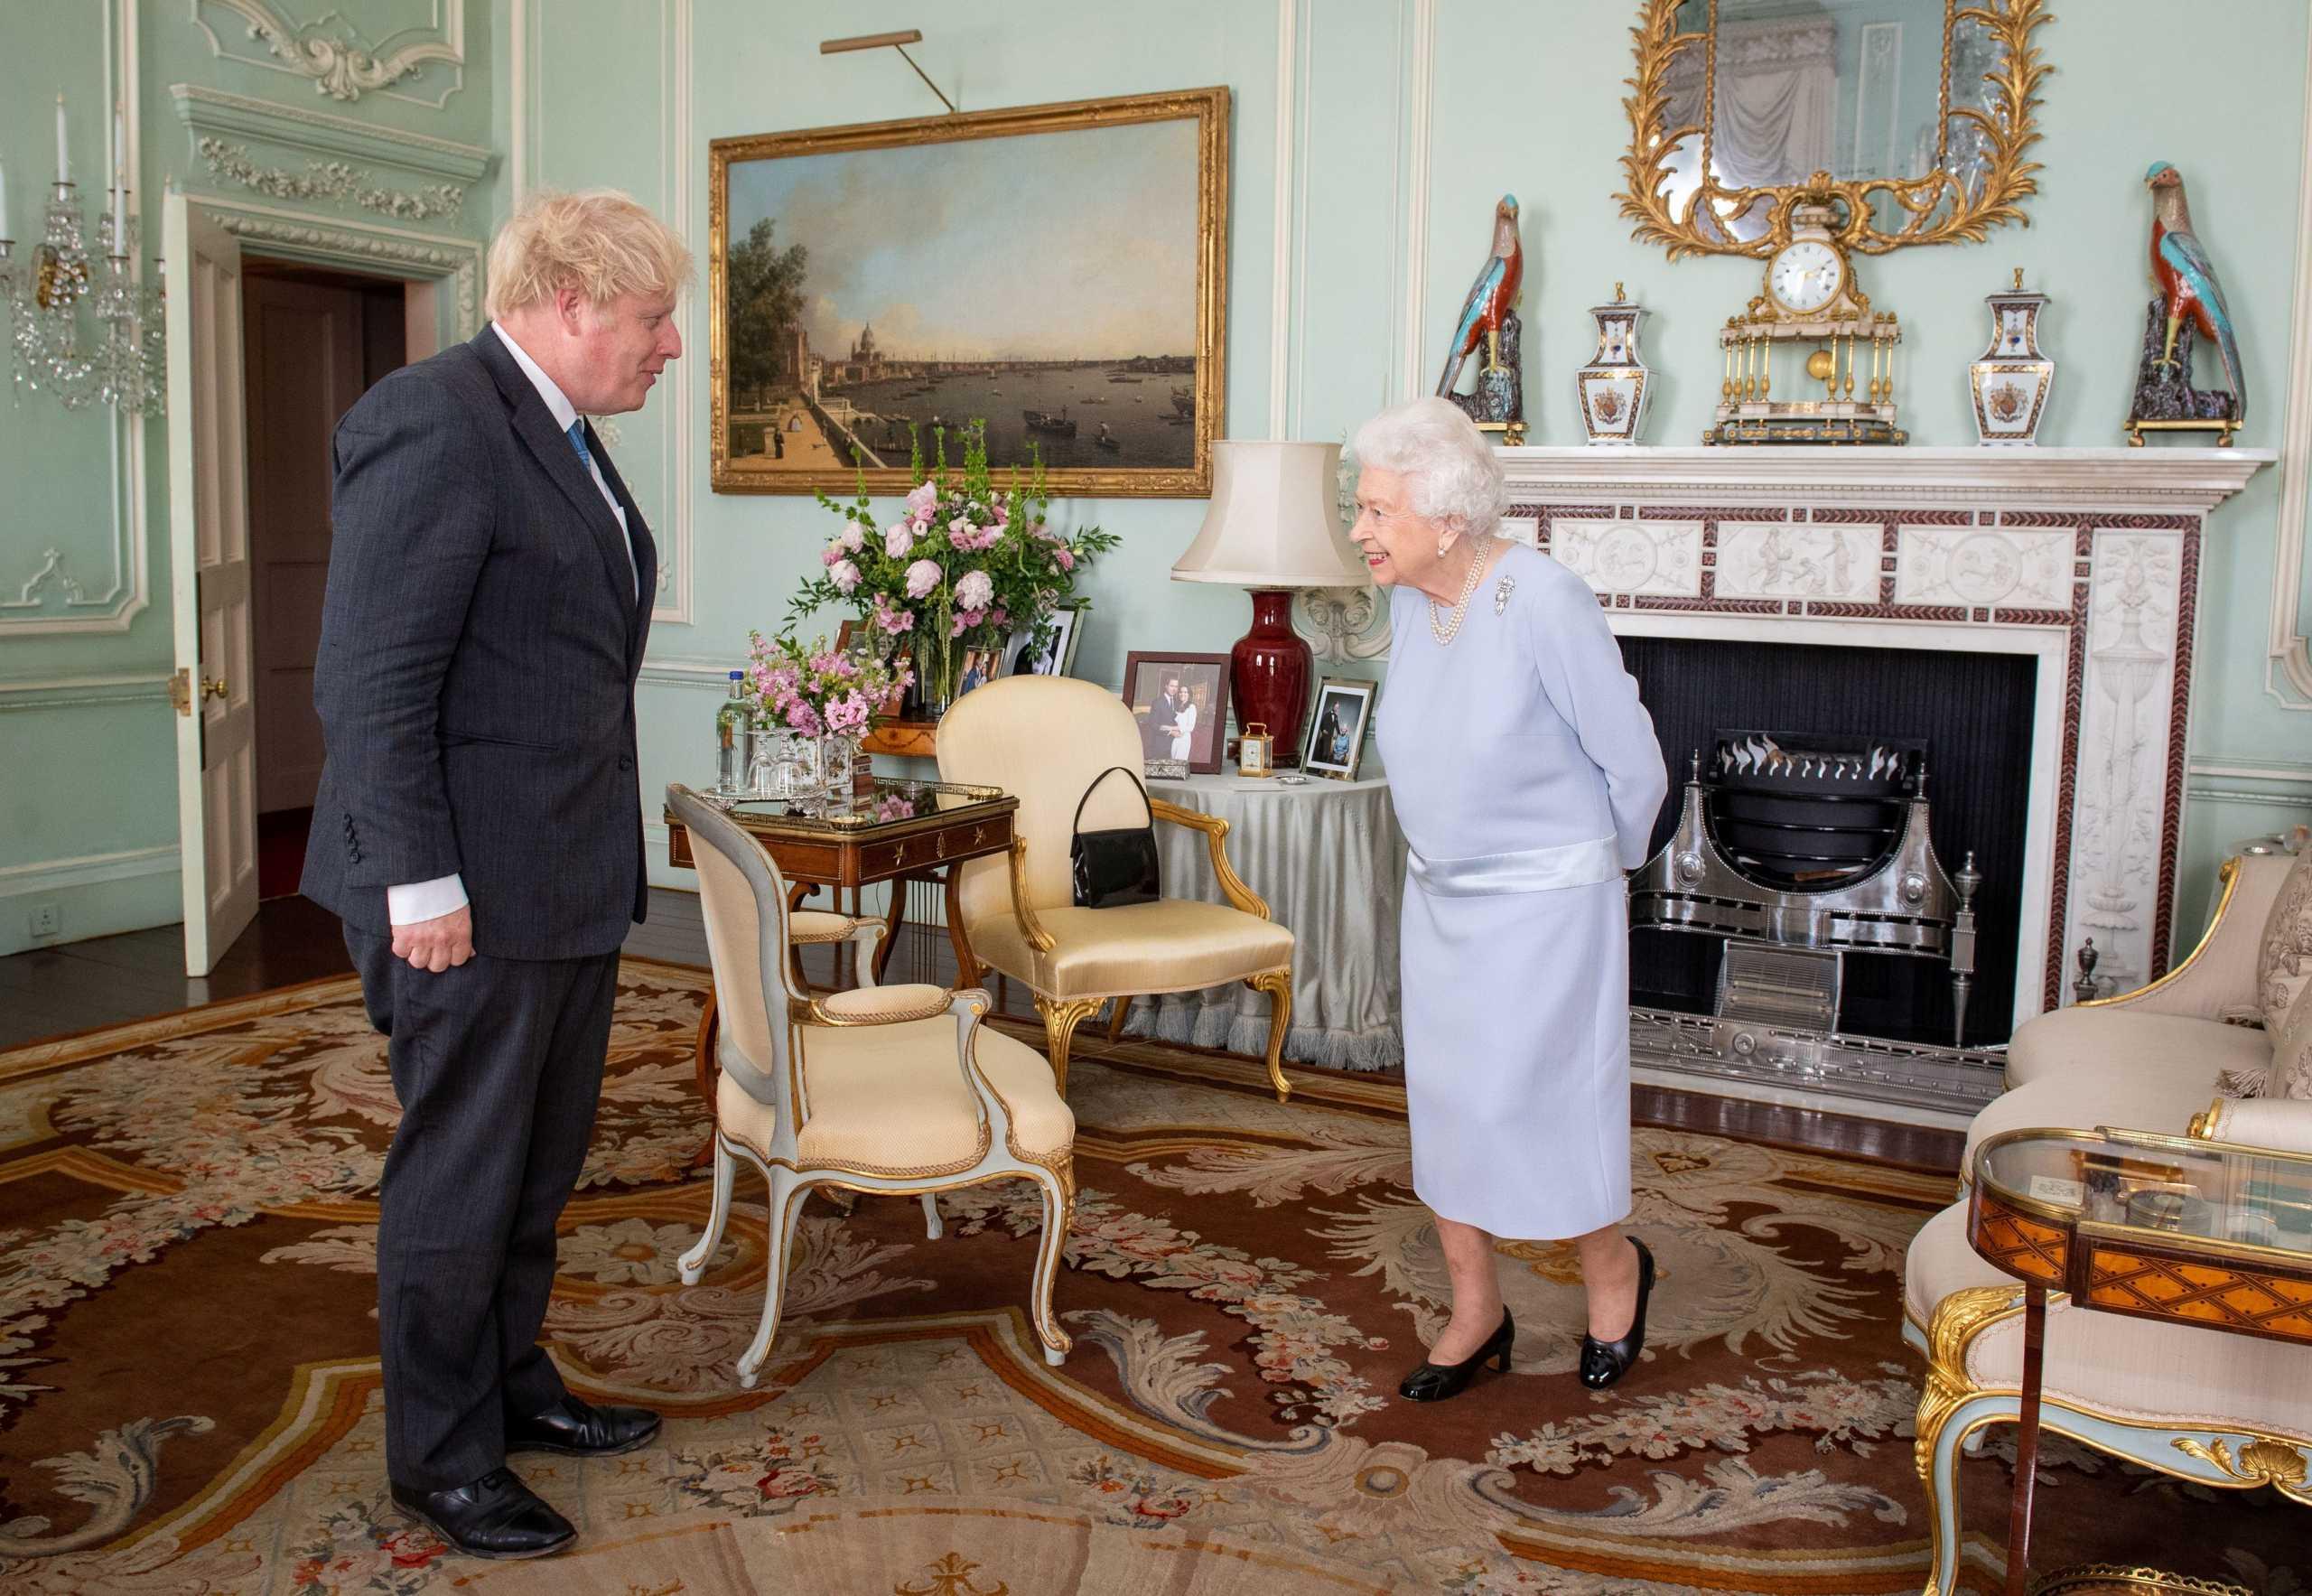 Βασίλισσα Ελισάβετ: Η φωτογραφία του πρίγκιπα Χάρι και της Μέγκαν Μαρκλ που έχει στο γραφείο της (pics)